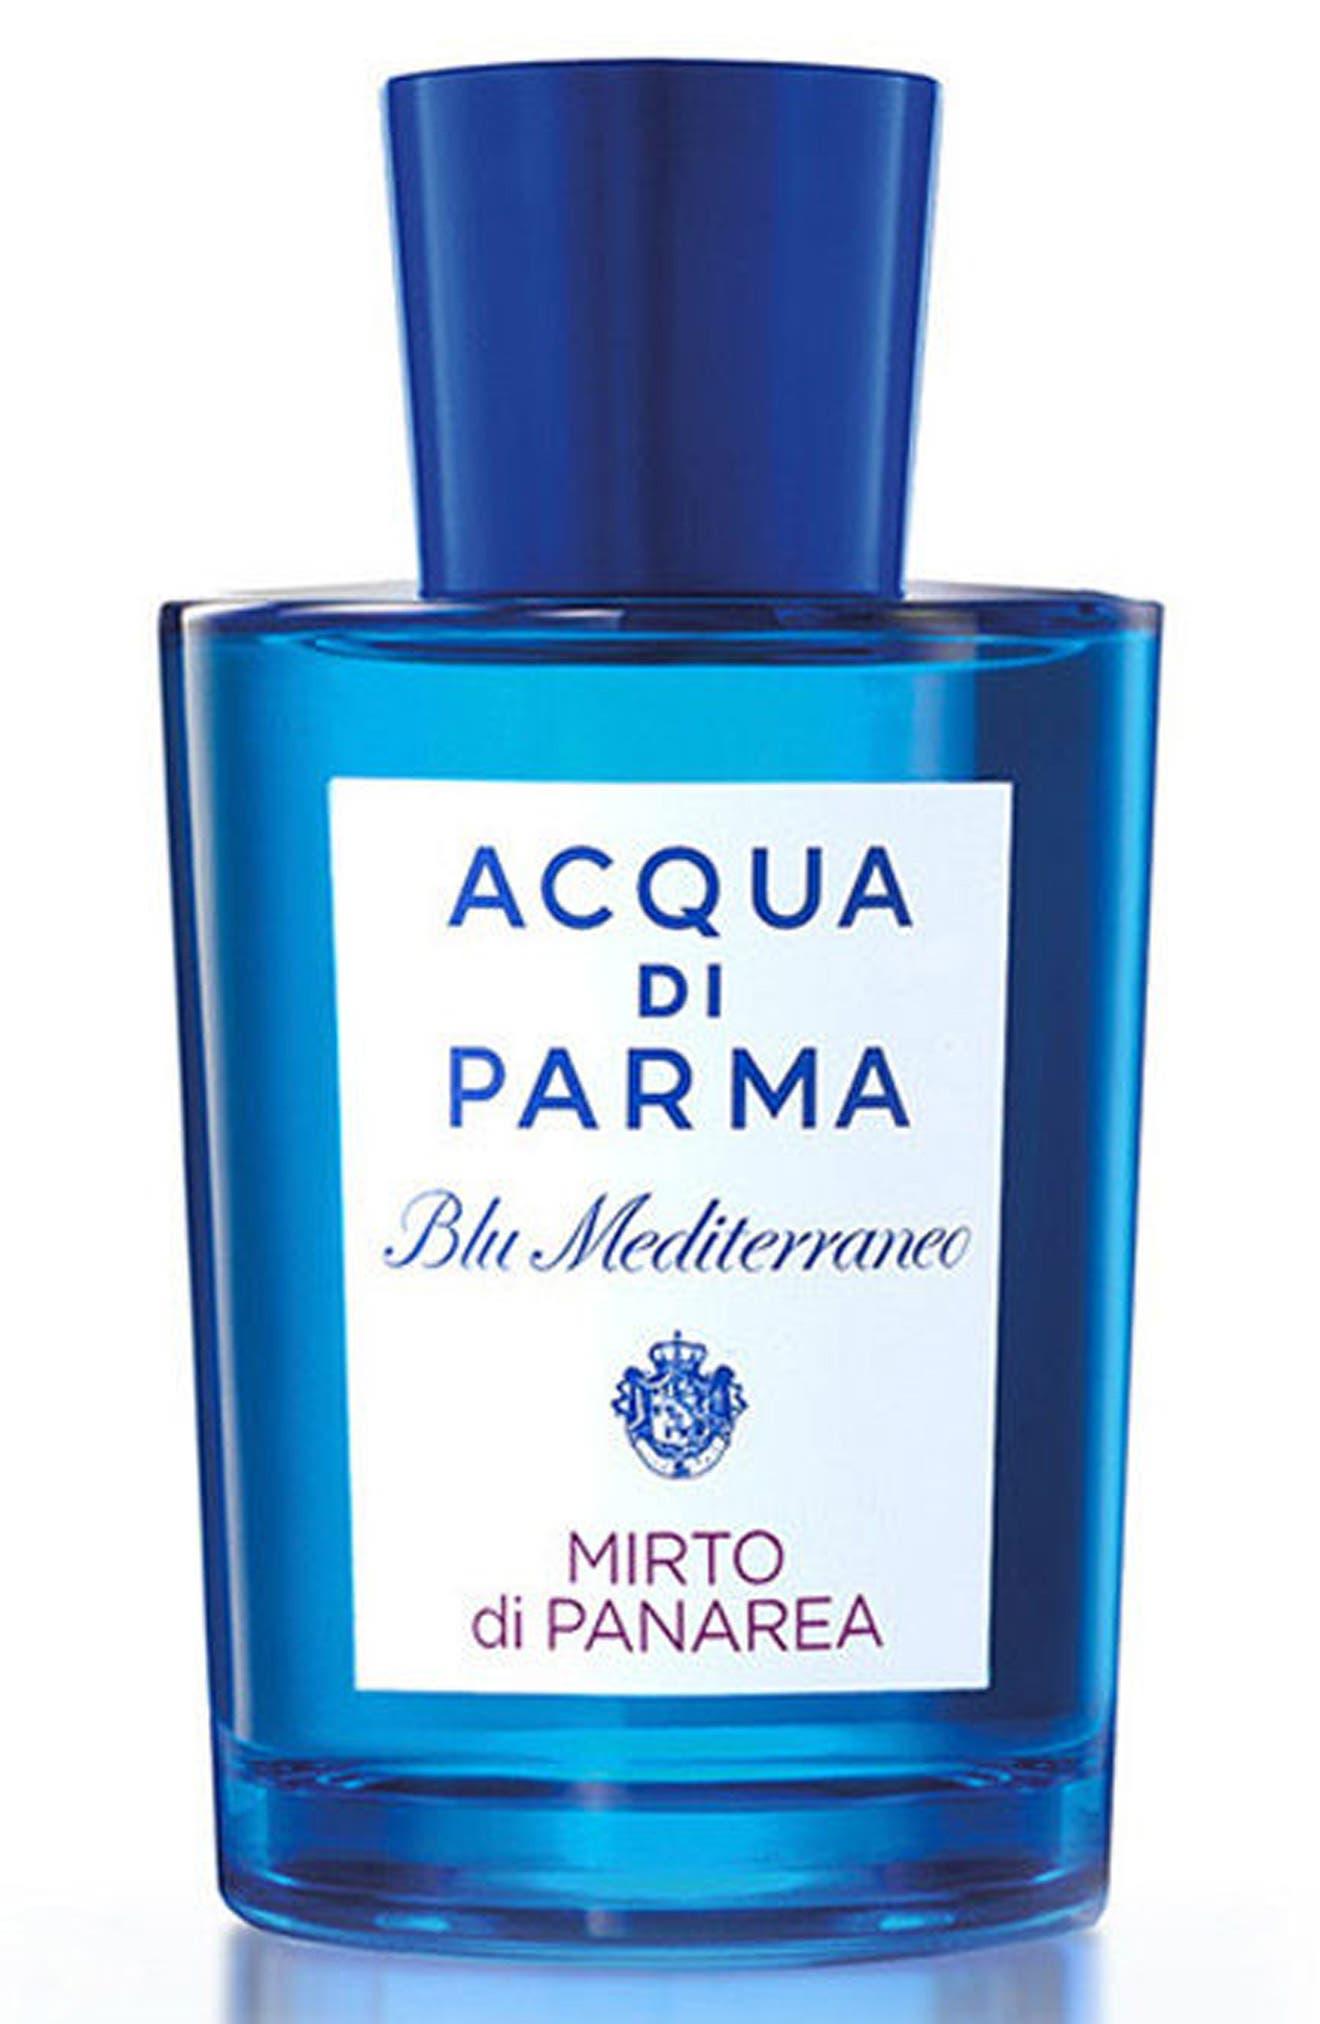 ACQUA DI PARMA 'Blu Mediterraneo' Mirto di Panarea